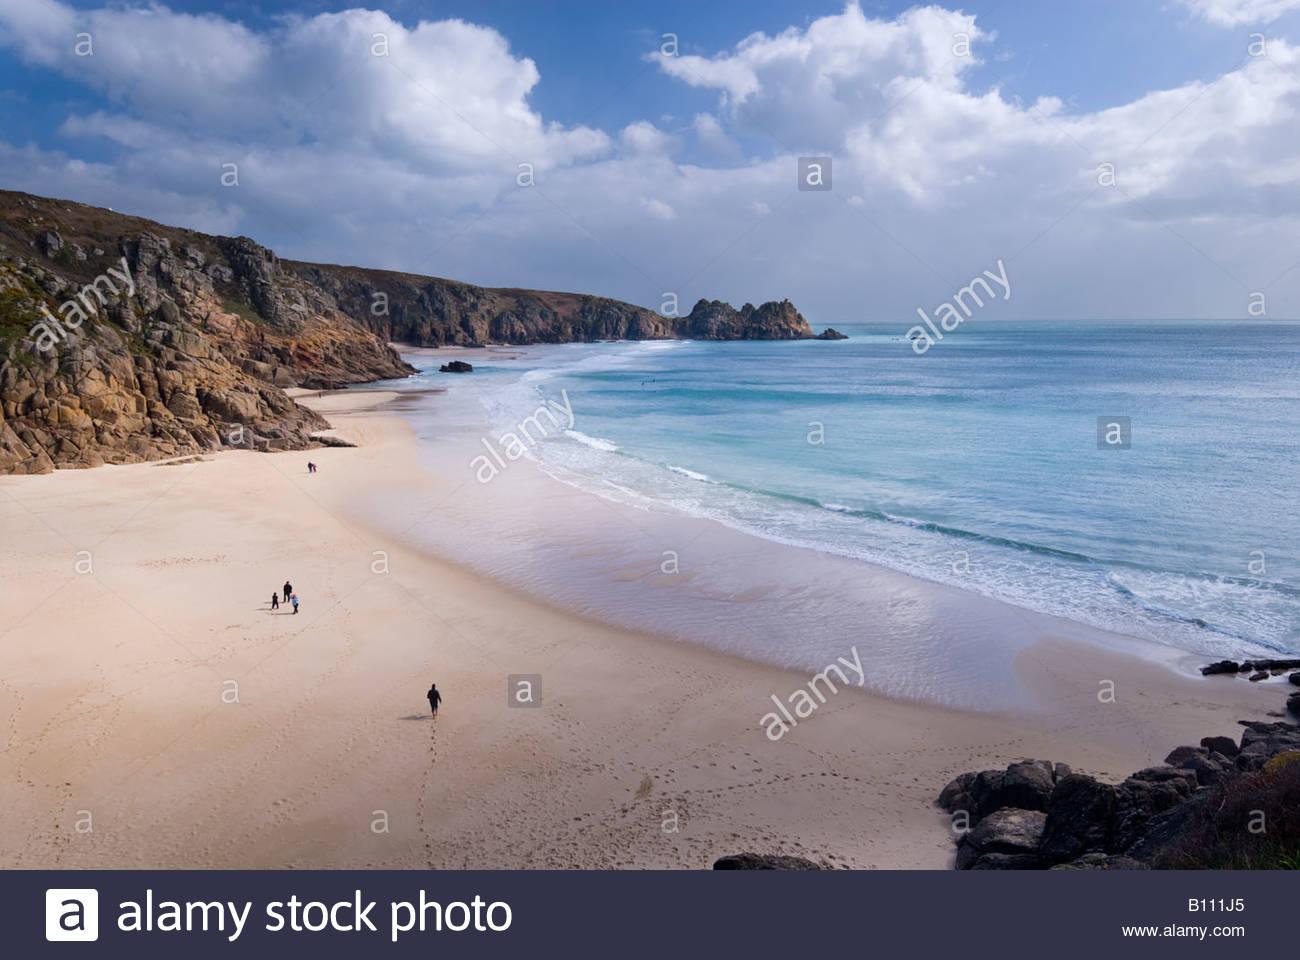 La gente en la playa en Porthcurno, oeste de Cornwall, Inglaterra, Reino Unido. Imagen De Stock